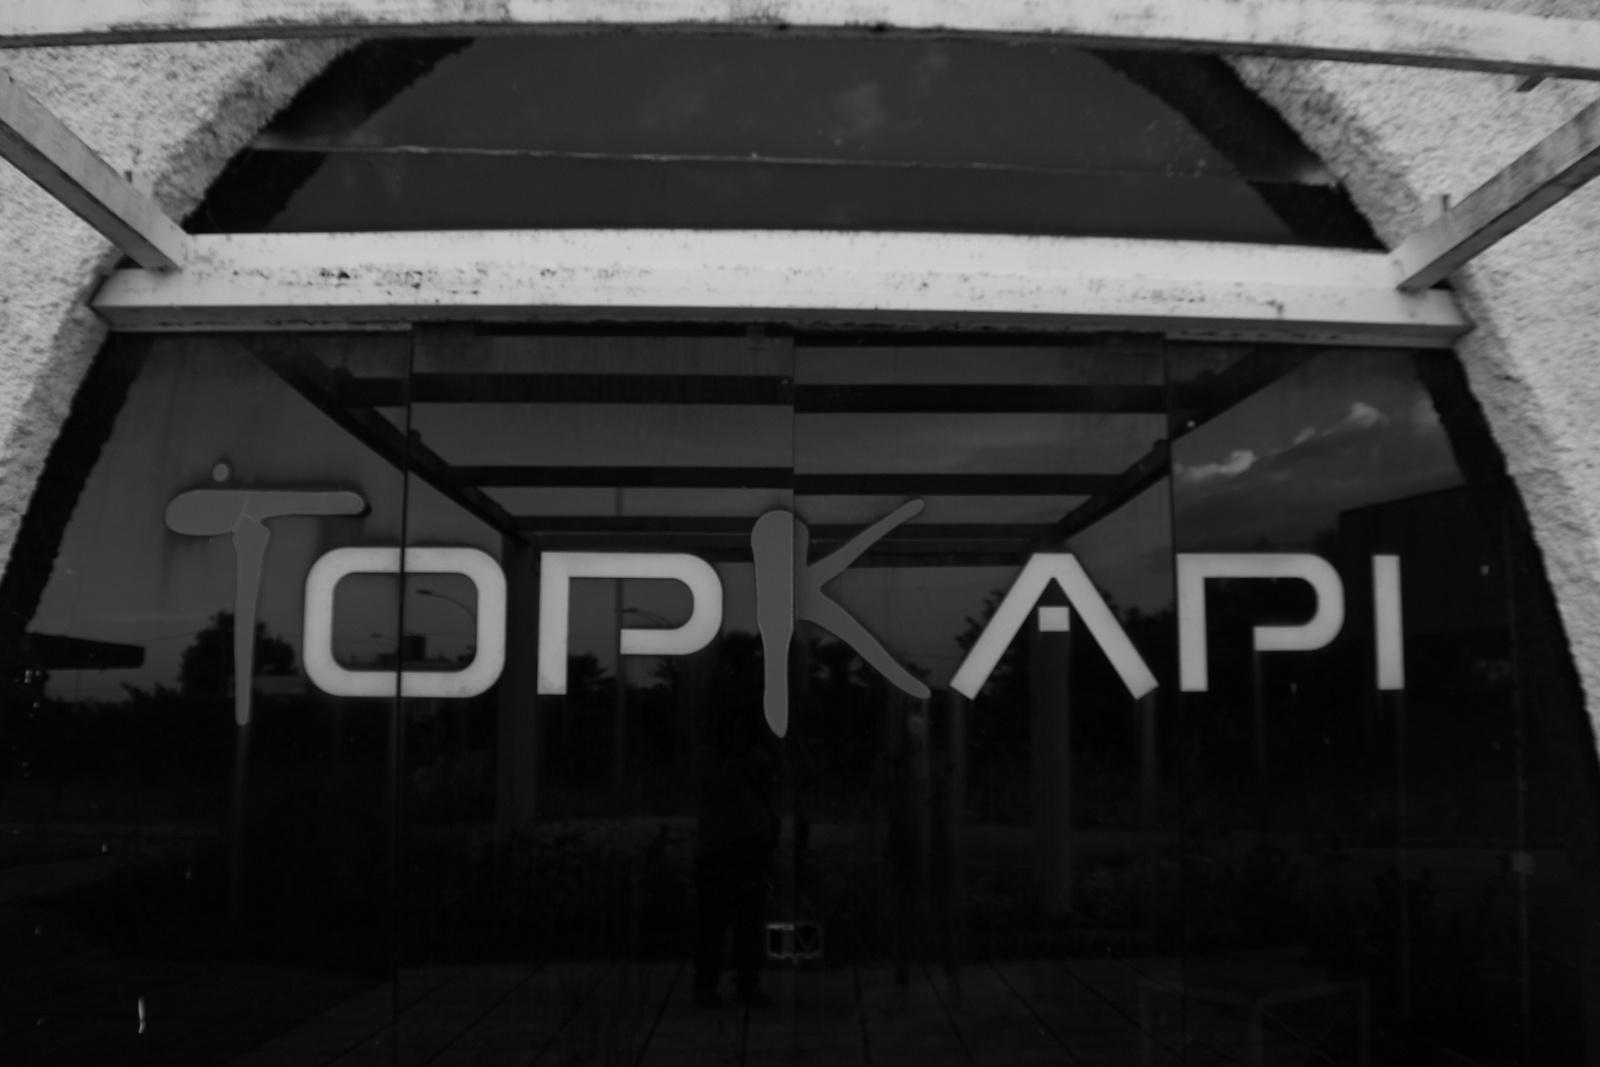 Topkapi (FE)